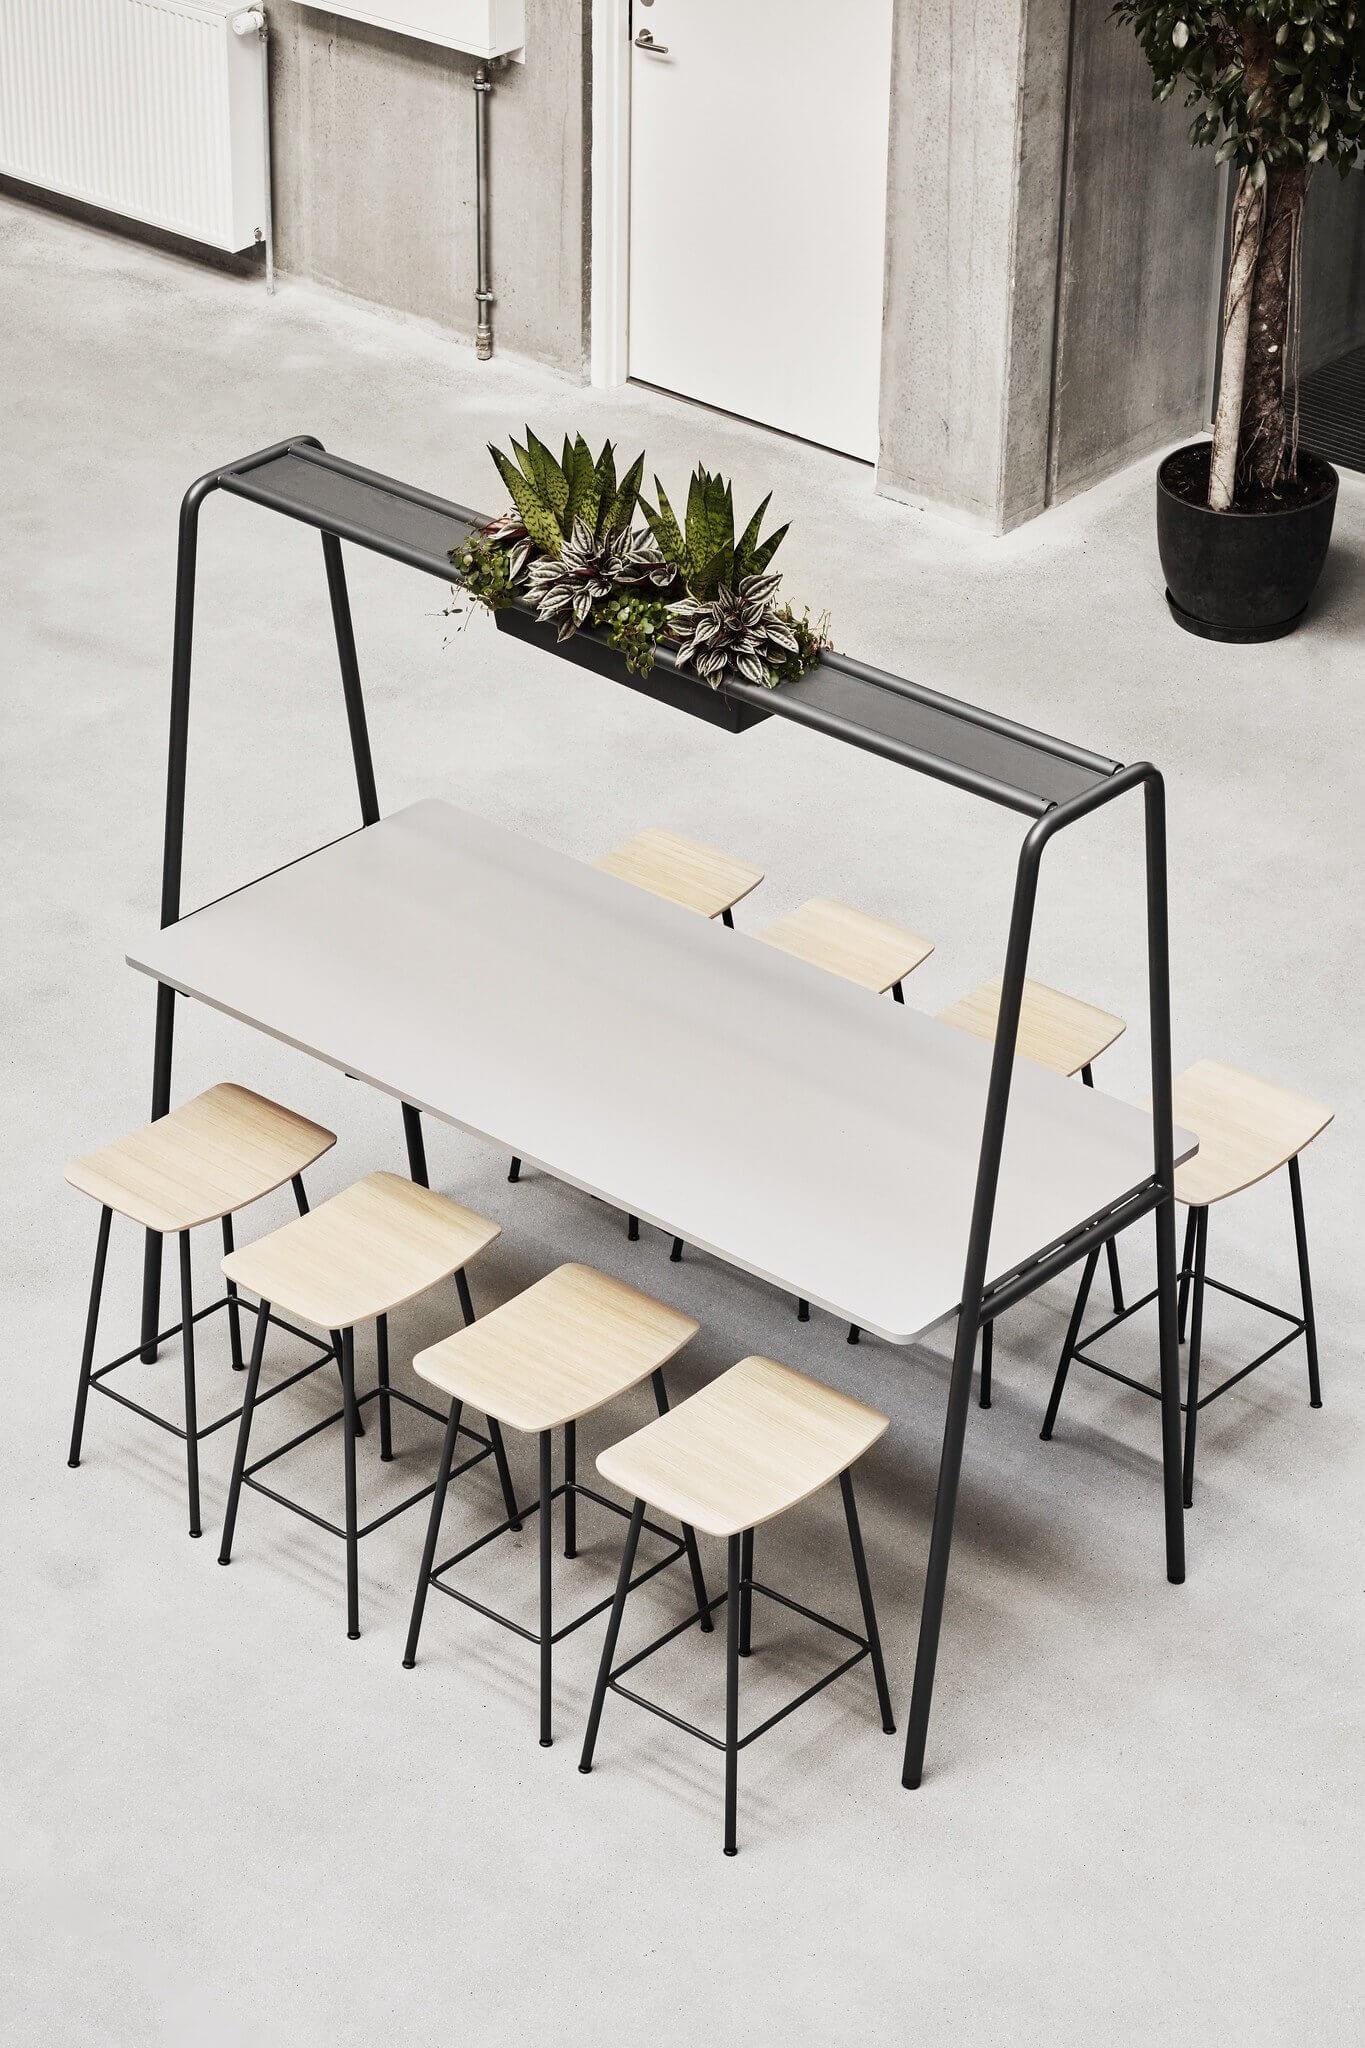 Table de travail avec jardinière de plantes intégrée ARCHE.